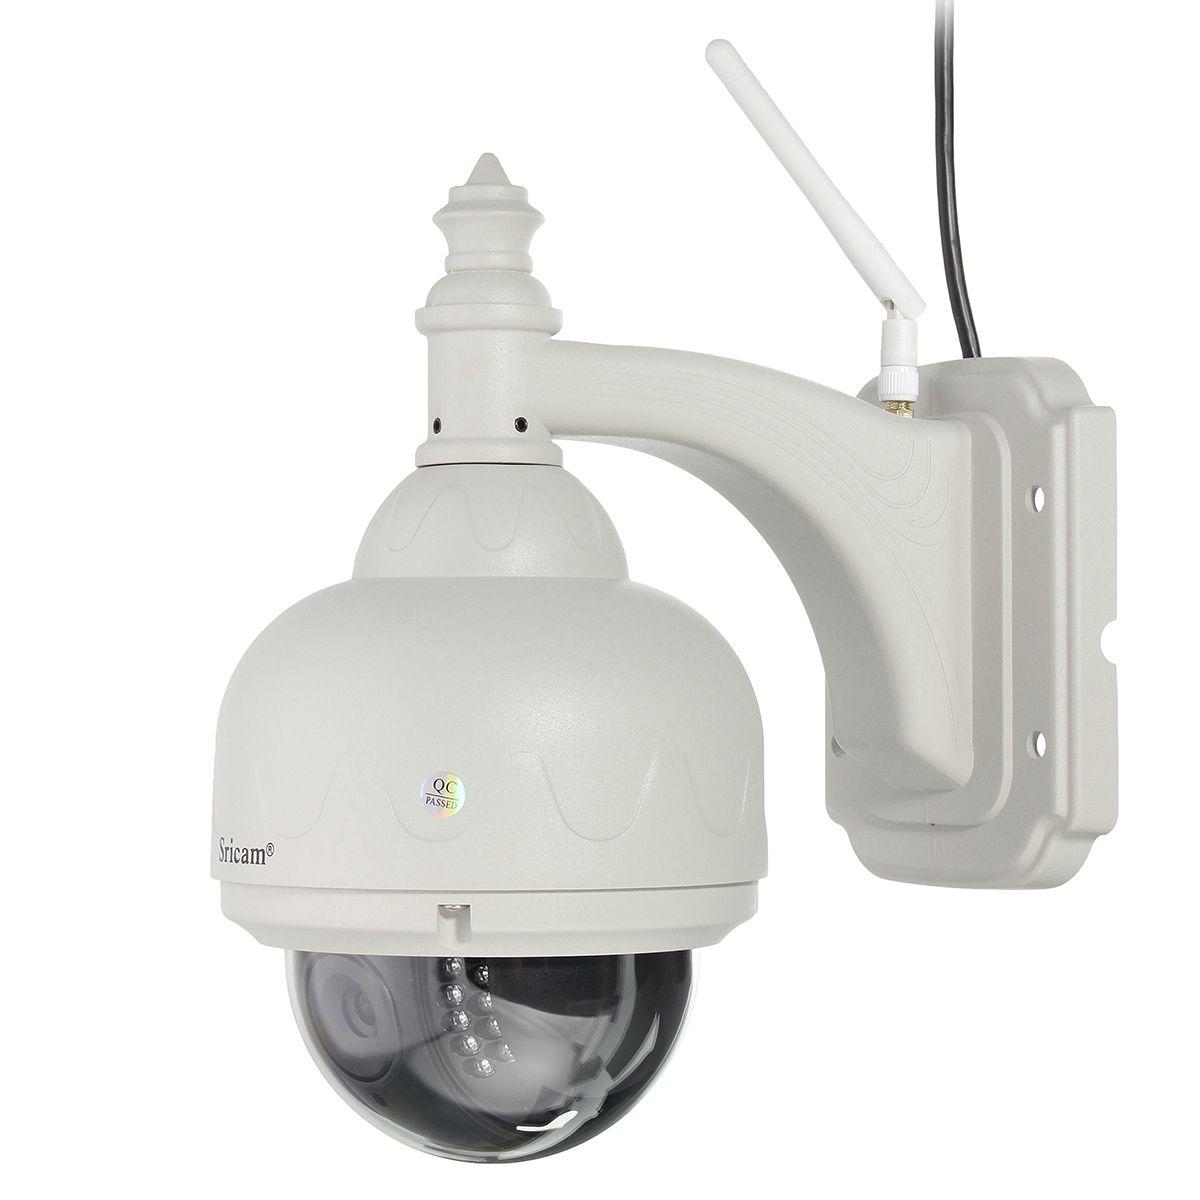 Circuito Wifi : Sp015 cámara al aire libre inalámbrica wifi 720p hd de red ip de